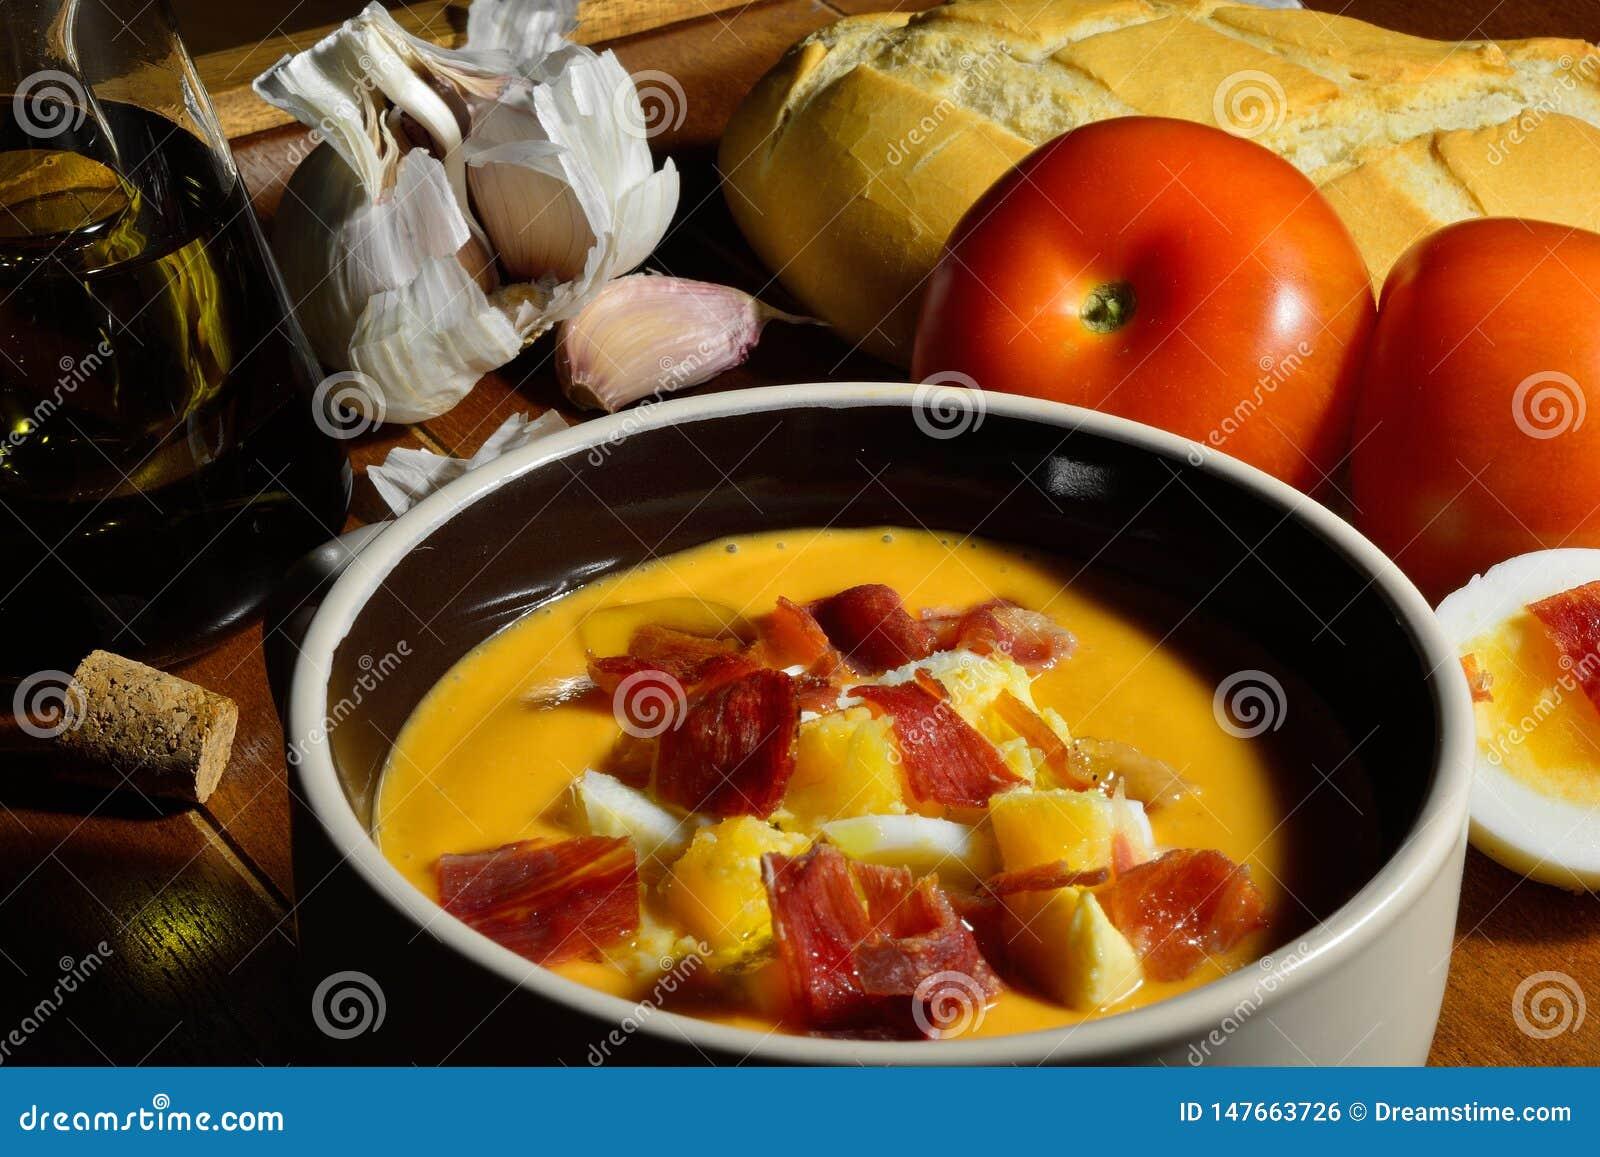 K?ta strza? puchar z hiszpa?skim salmorejo, typowa zimna polewka robi? z pomidorem, chleb, oliwa z oliwek i czosnek nakrywaj?cy z